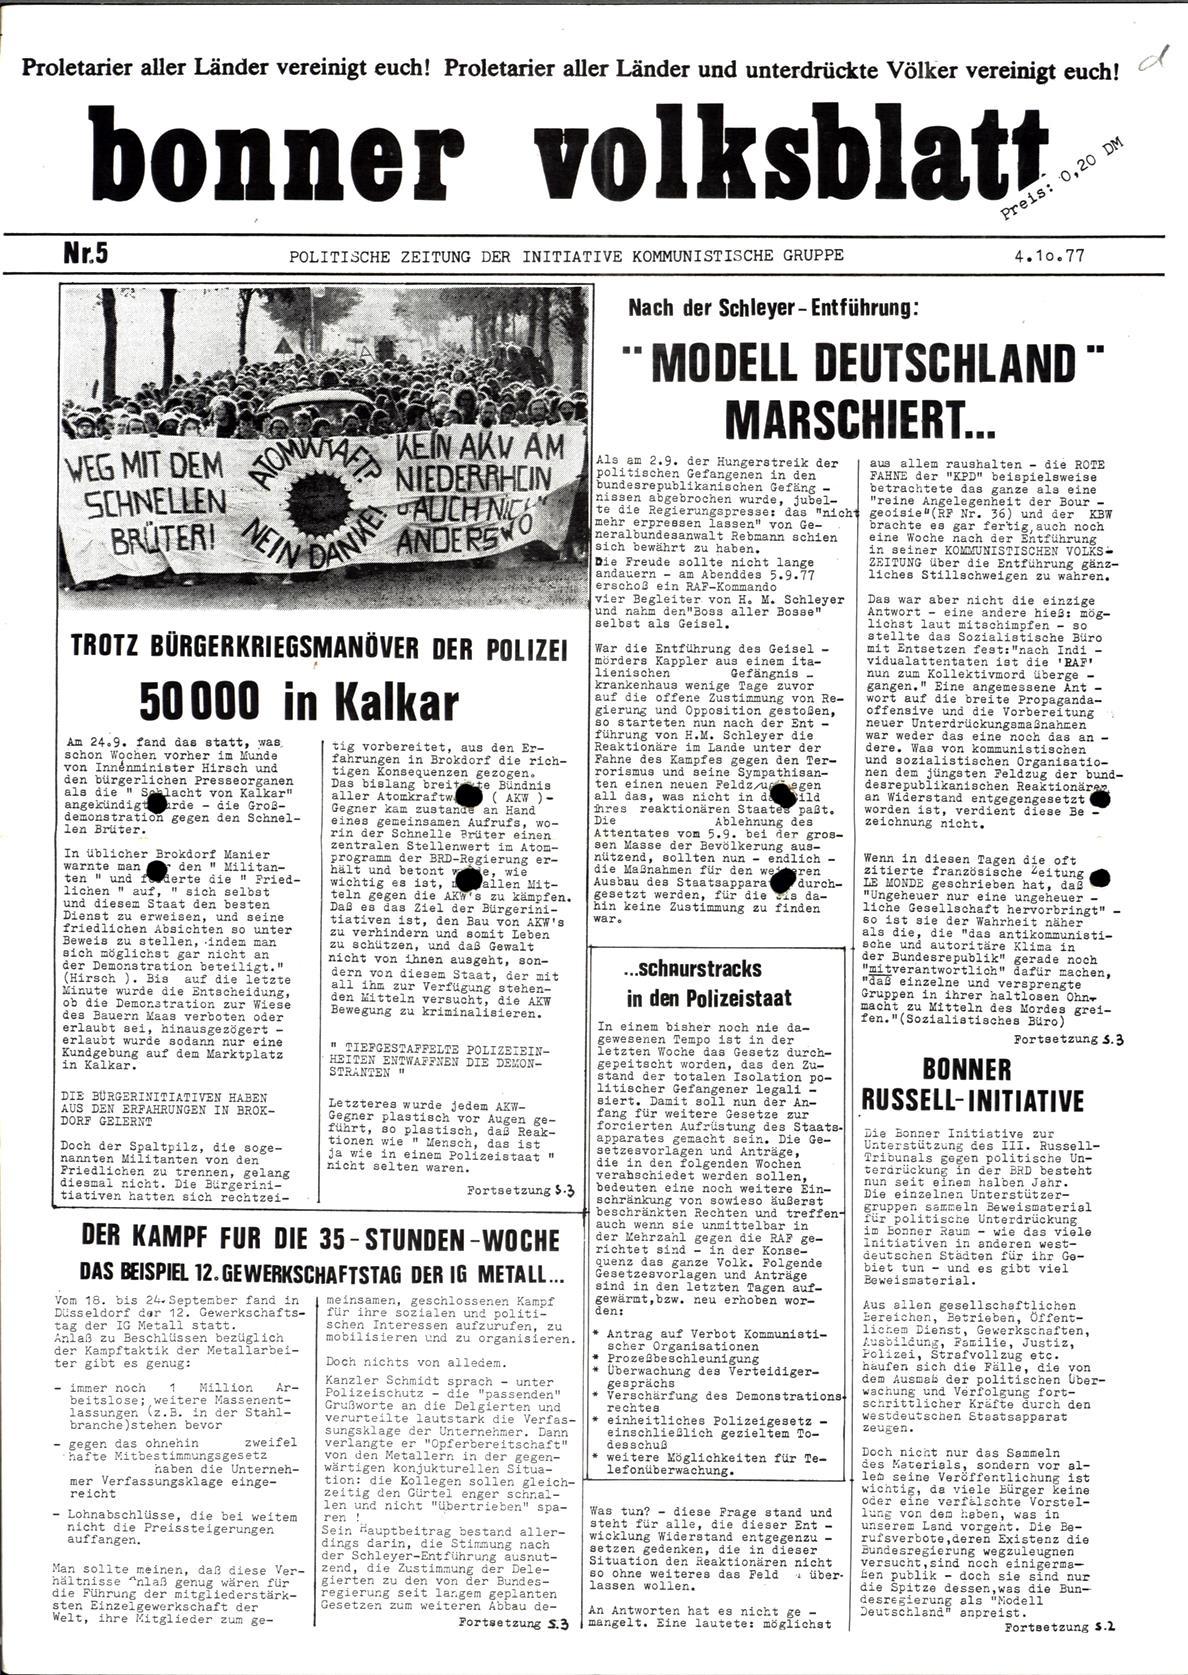 Bonner_Volksblatt_05_19771004_01